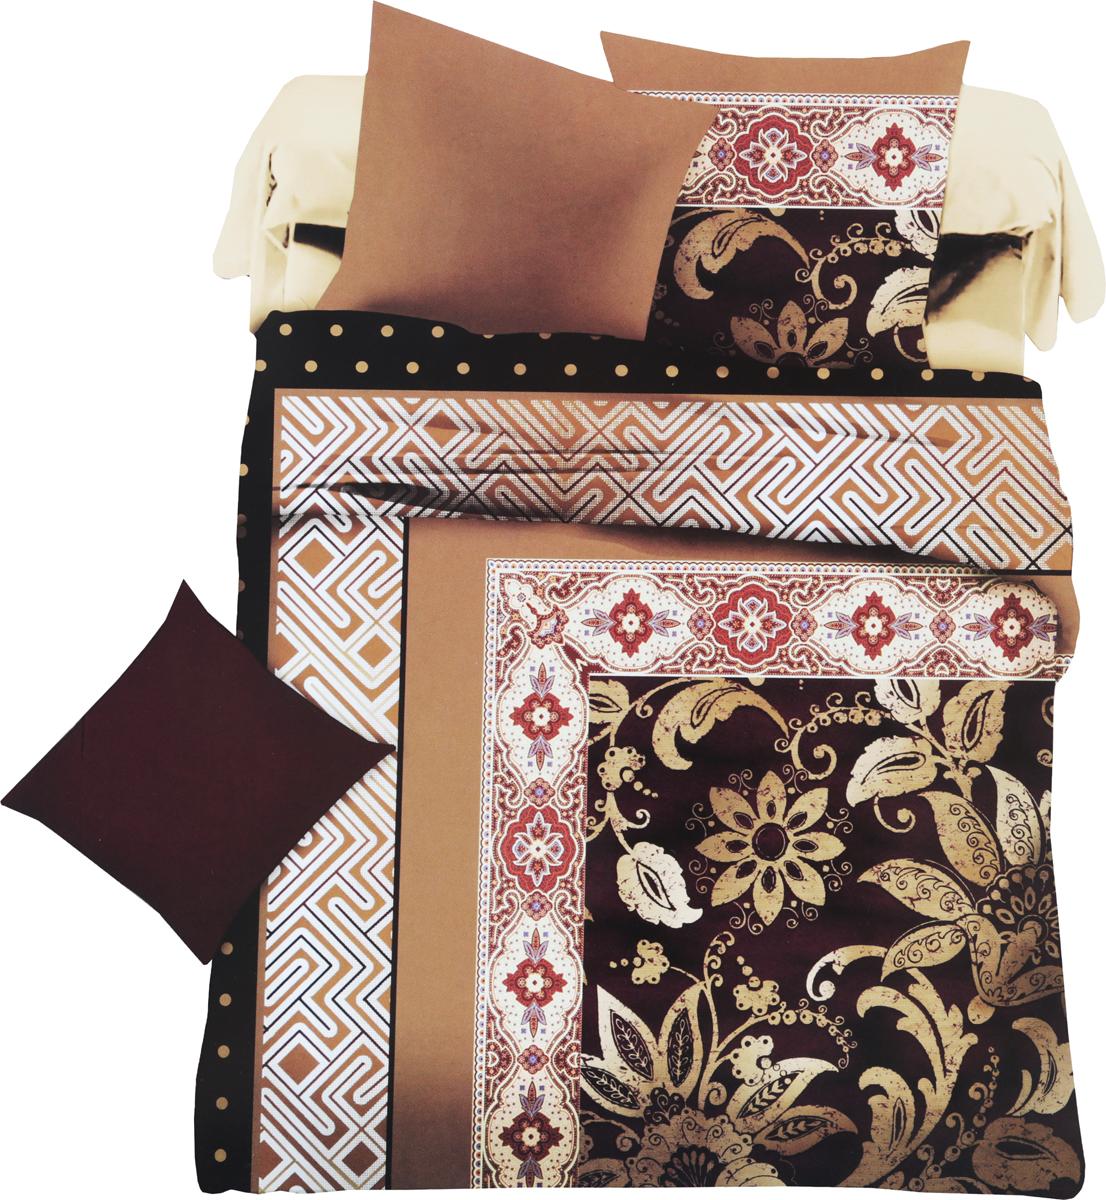 Комплект белья МарТекс Белат, 1,5-спальный, наволочки 70х7001-1332-1Комплект постельного белья МарТекс Белат, выполненный из микрополиэстера, состоит из пододеяльника, простыни и двух наволочек. Изделия оформлены оригинальным принтом.Такой комплект подойдет для любого стилевого и цветового решения интерьера, а также создаст в доме уют. Приобретая комплект постельного белья МарТекс, вы можете быть уверенны в том, что покупкадоставит вам и вашим близким удовольствие и подарит максимальный комфорт.Советы по выбору постельного белья от блогера Ирины Соковых. Статья OZON Гид